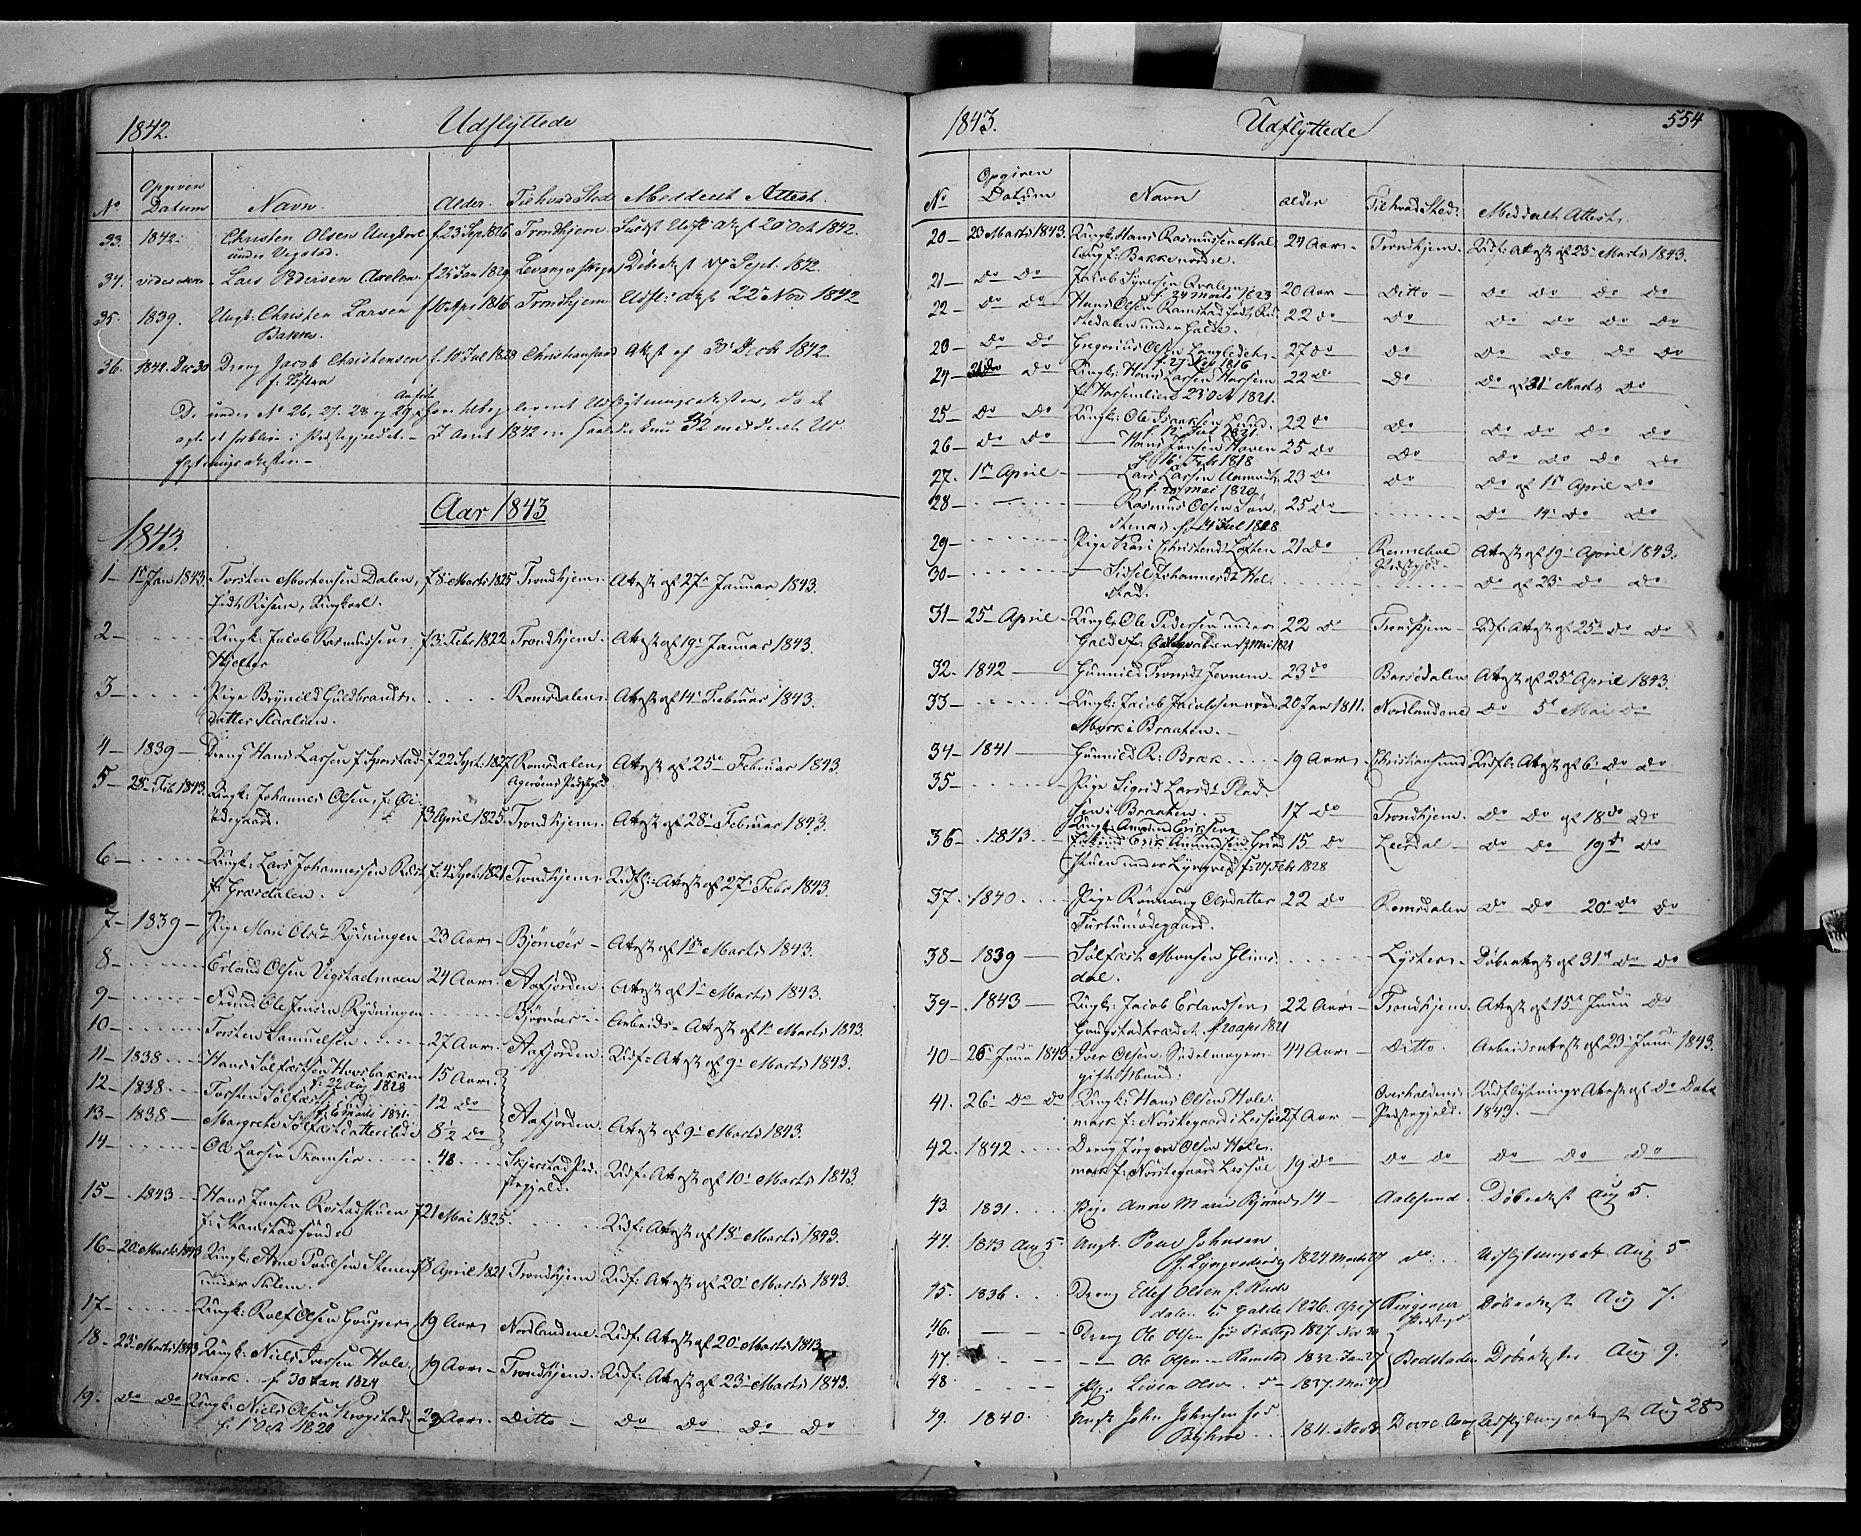 SAH, Lom prestekontor, K/L0006: Ministerialbok nr. 6B, 1837-1863, s. 554